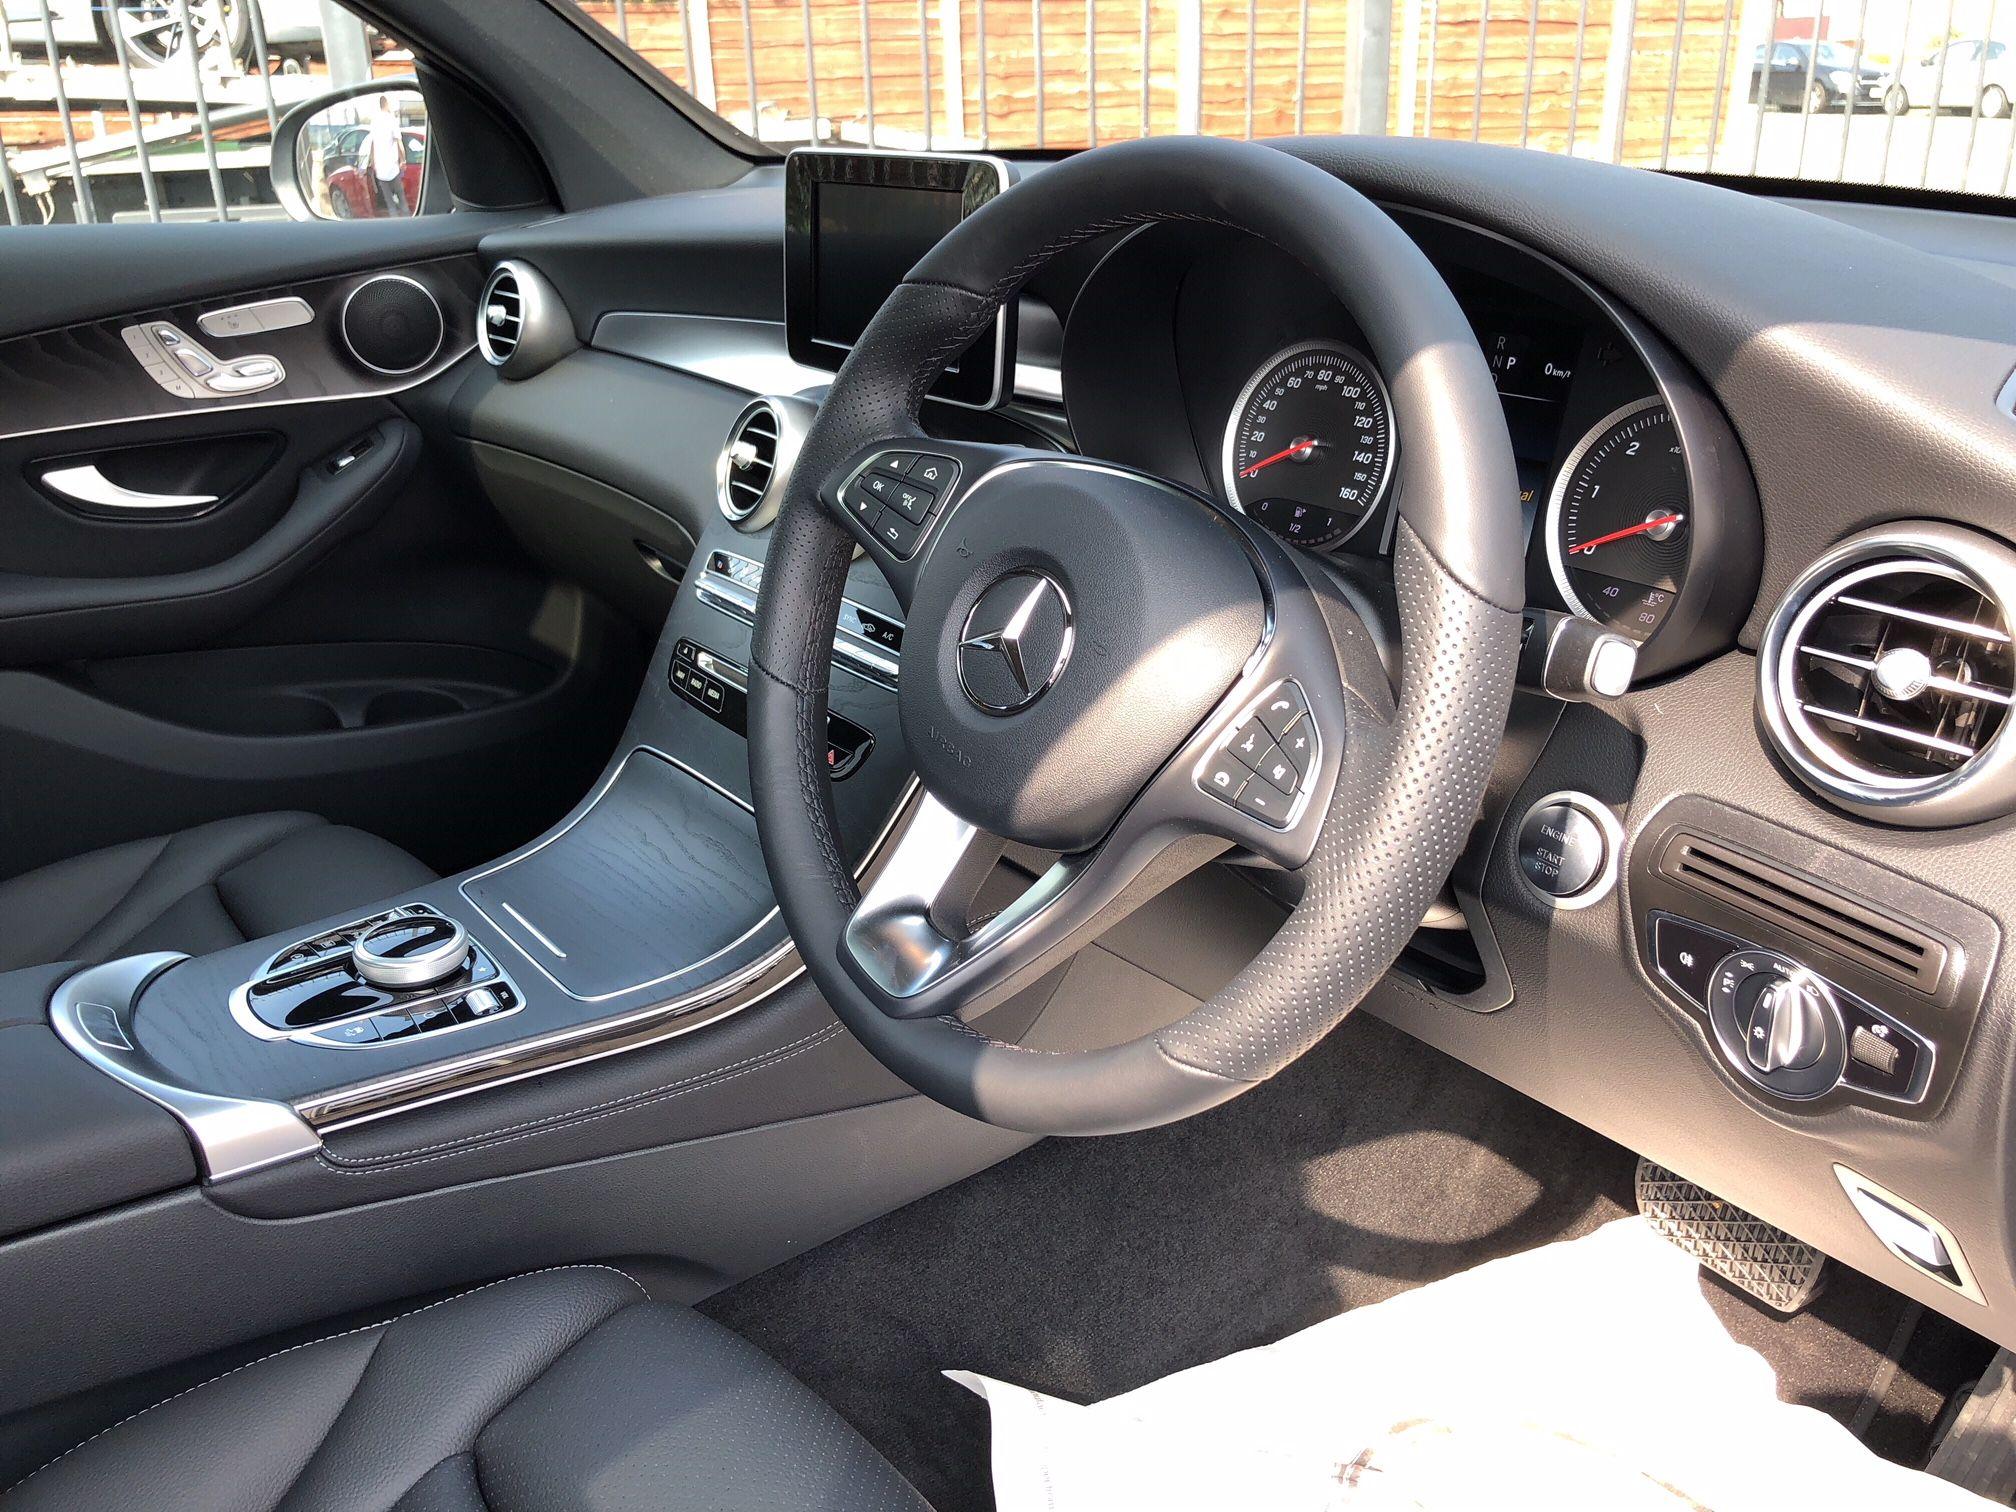 The Mercedes Benz Glc Diesel Coupe Glc 220d 4matic Sport Premium